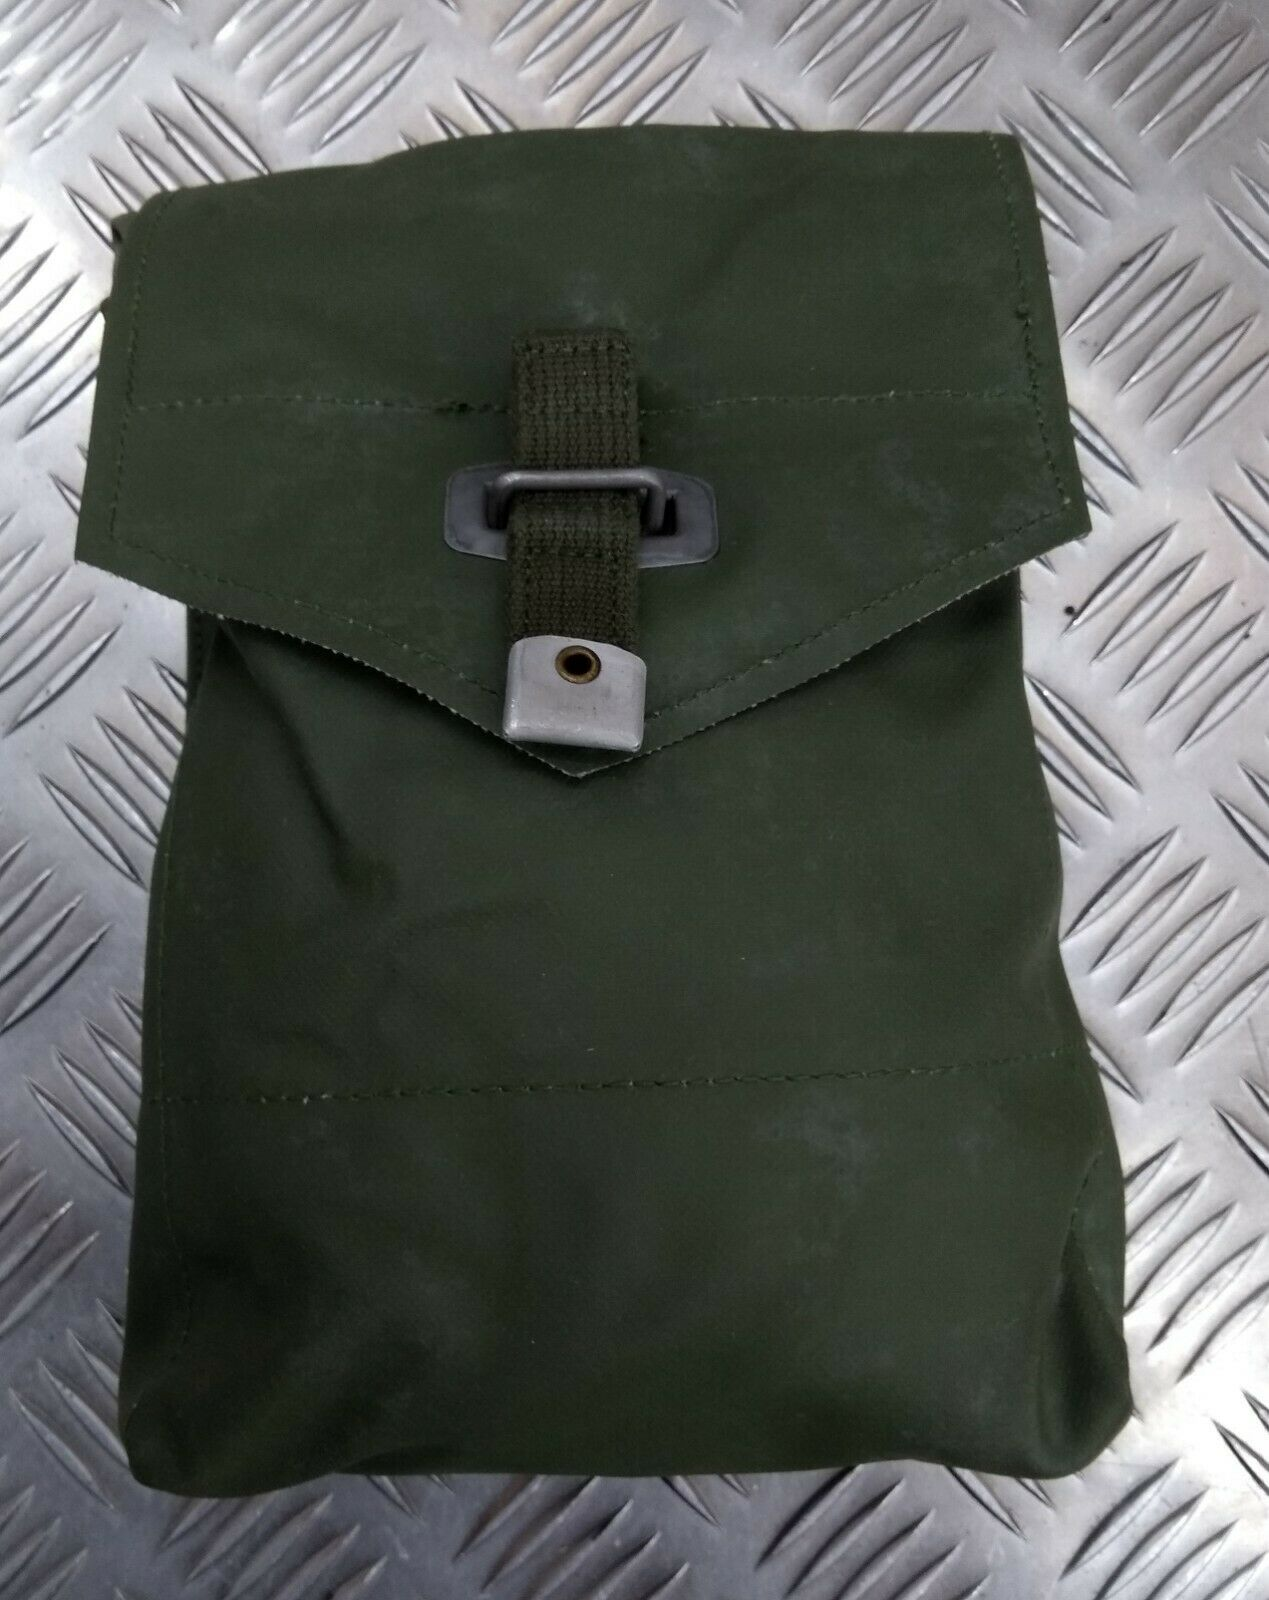 Original Vintage Schwedische Militärgrün Vinyl PVC Seite Utility Munition Tasche